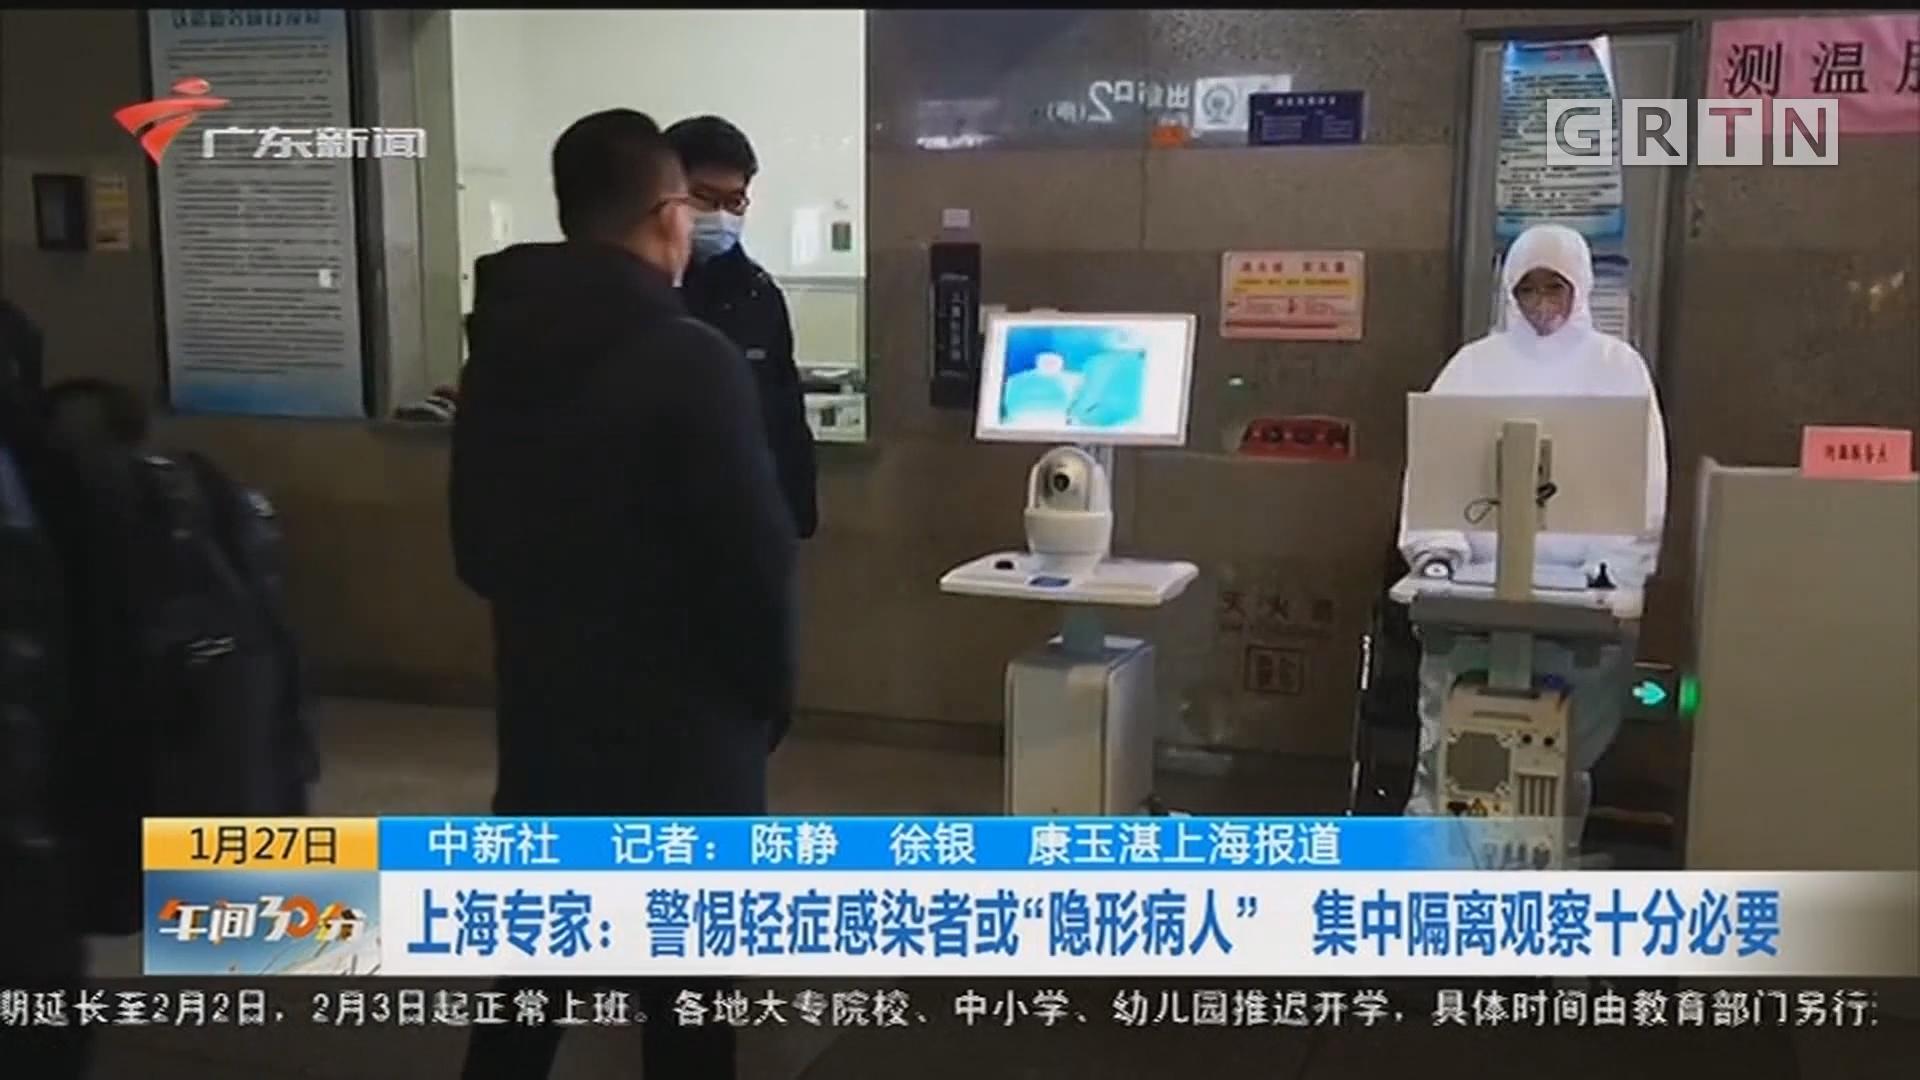 """中新社 上海专家:警惕轻症感染者或""""隐形病人"""" 集中隔离观察十分必要"""